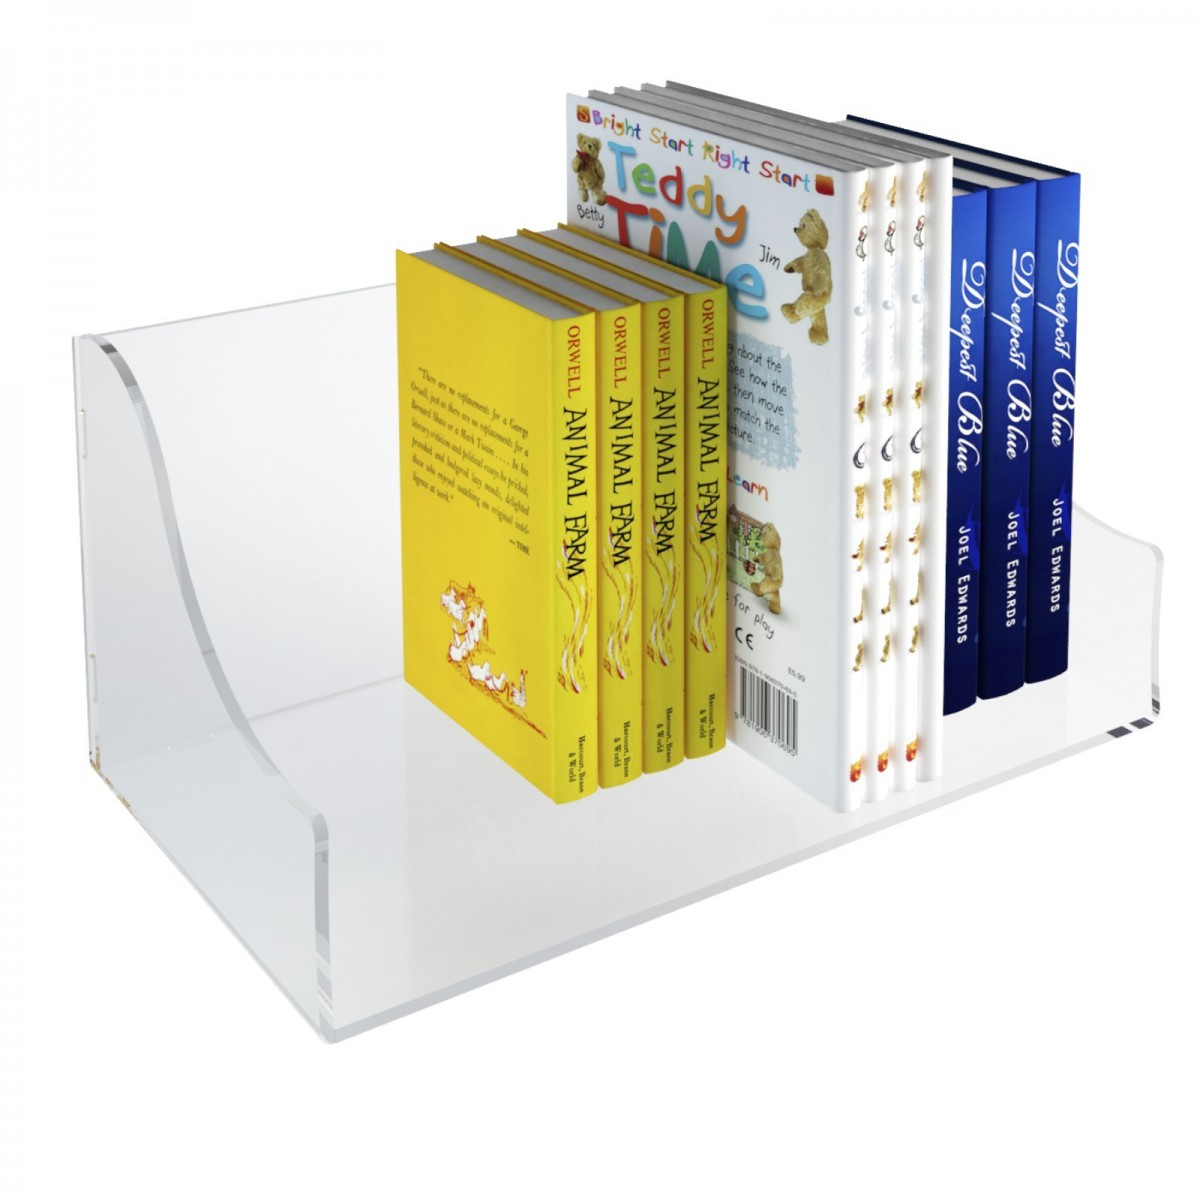 E-430 ELB-A - Mensola porta libri in plexiglass trasparente